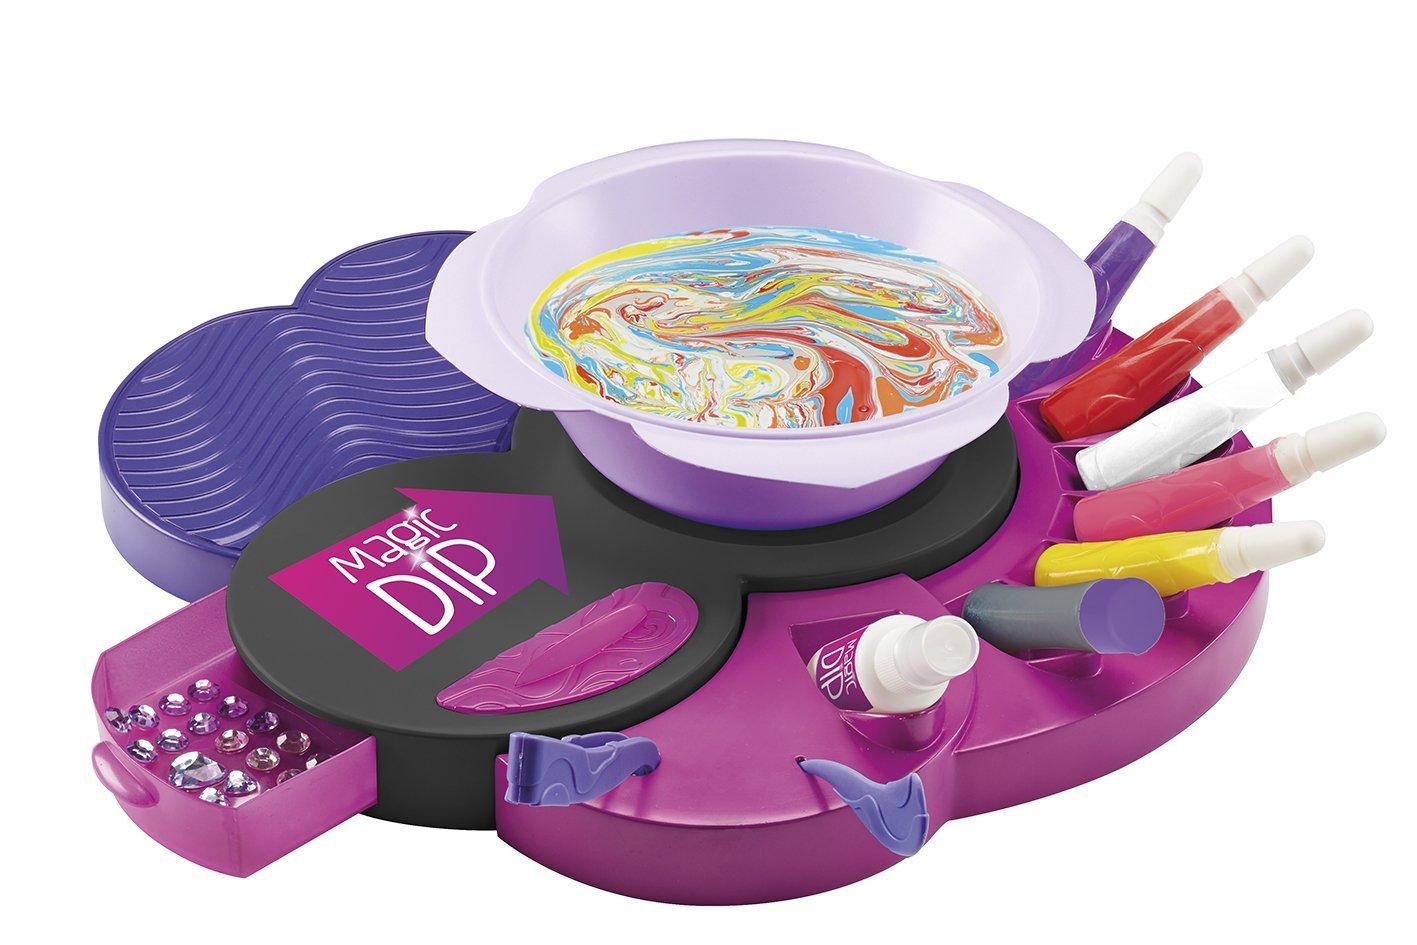 人気商品は B01FTSAK6Gマジックディップ32020デザインセンターアートセット B01FTSAK6G, airweave:c3d691f5 --- arianechie.dominiotemporario.com